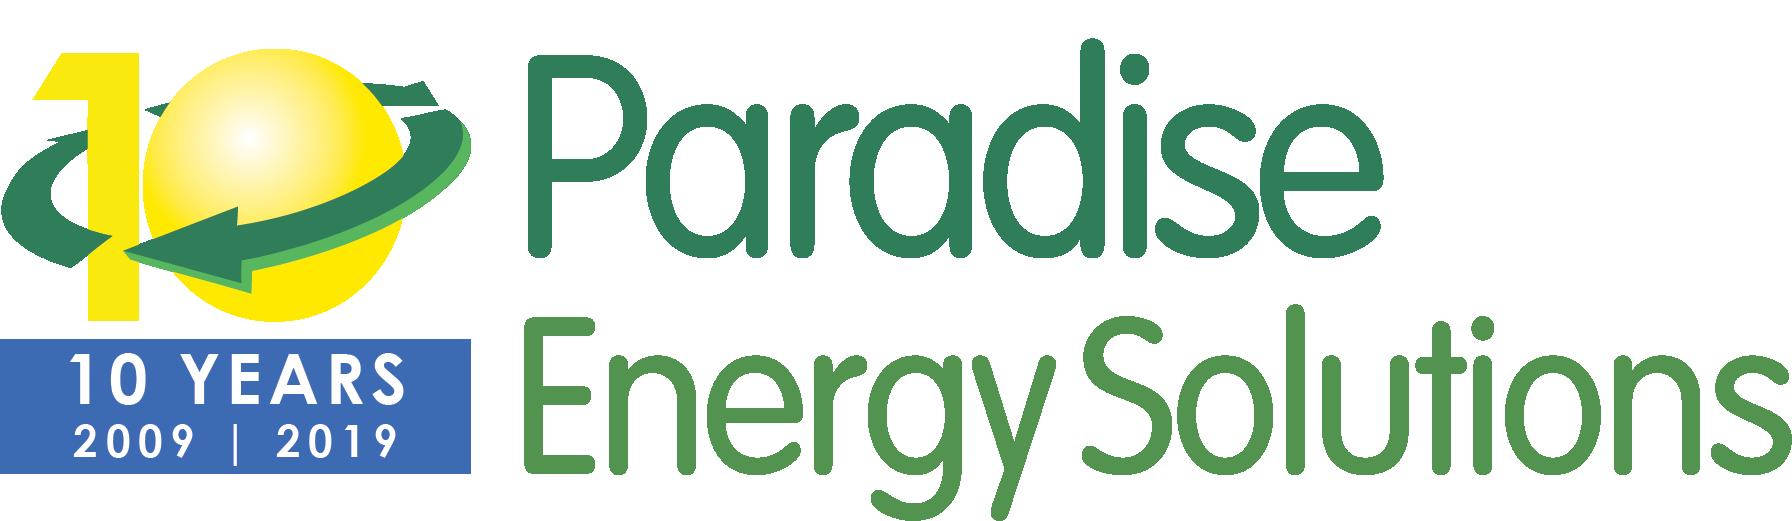 Paradise Energy Solutions solar reviews, complaints, address